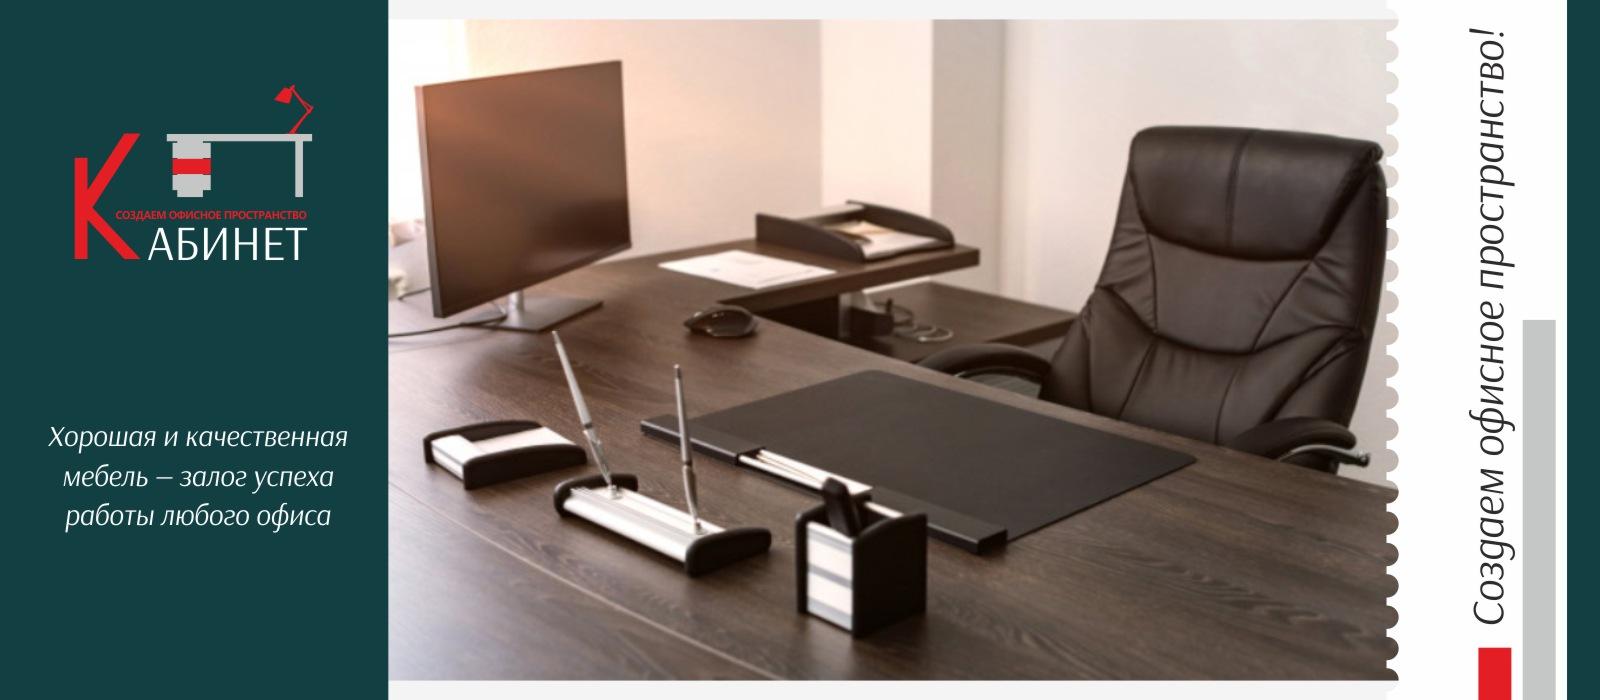 Офисная мебель в Калининграде и области